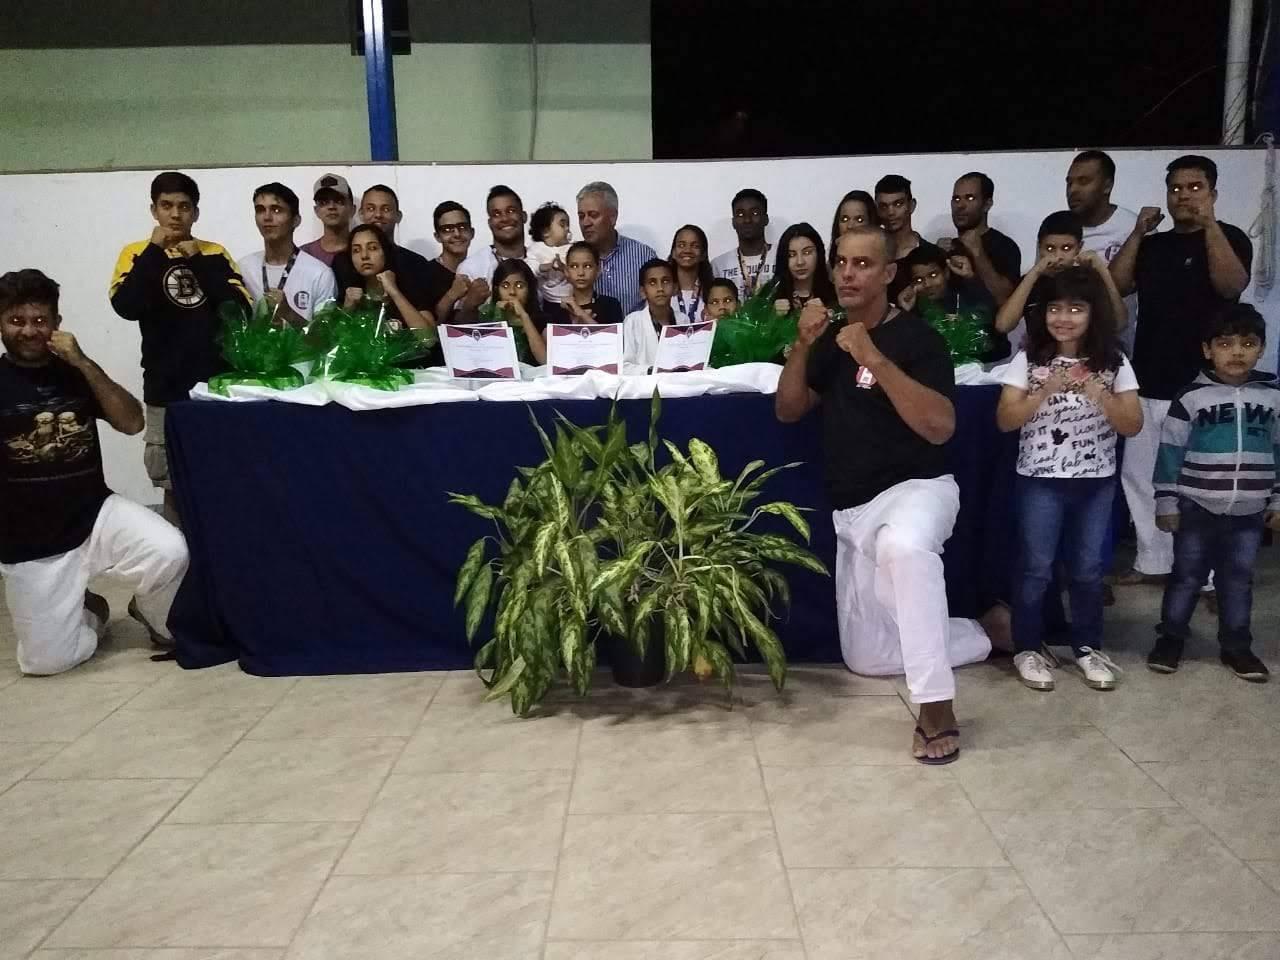 ADMINISTRAÇÃO DE GOIABEIRA FAZ HOMENAGEM AOS ATLETAS DE JU-JITSU